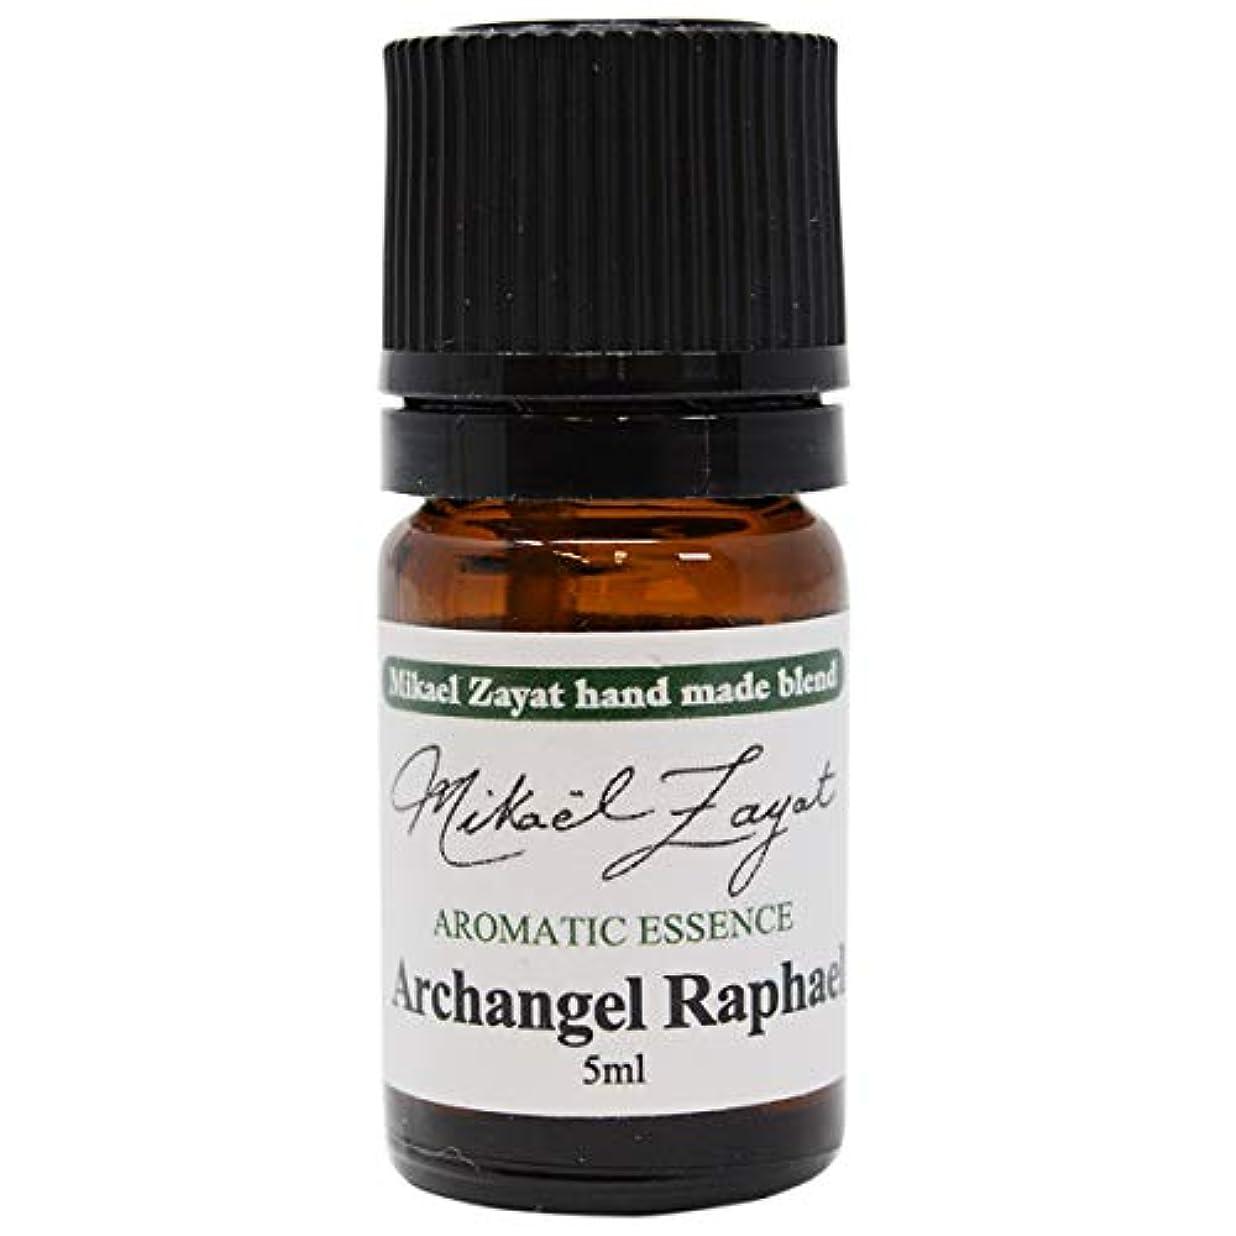 陰気入植者スペルミカエルザヤット 大天使ラファエル ArchAngel Raphael 5ml Mikael Zayat hand made blend